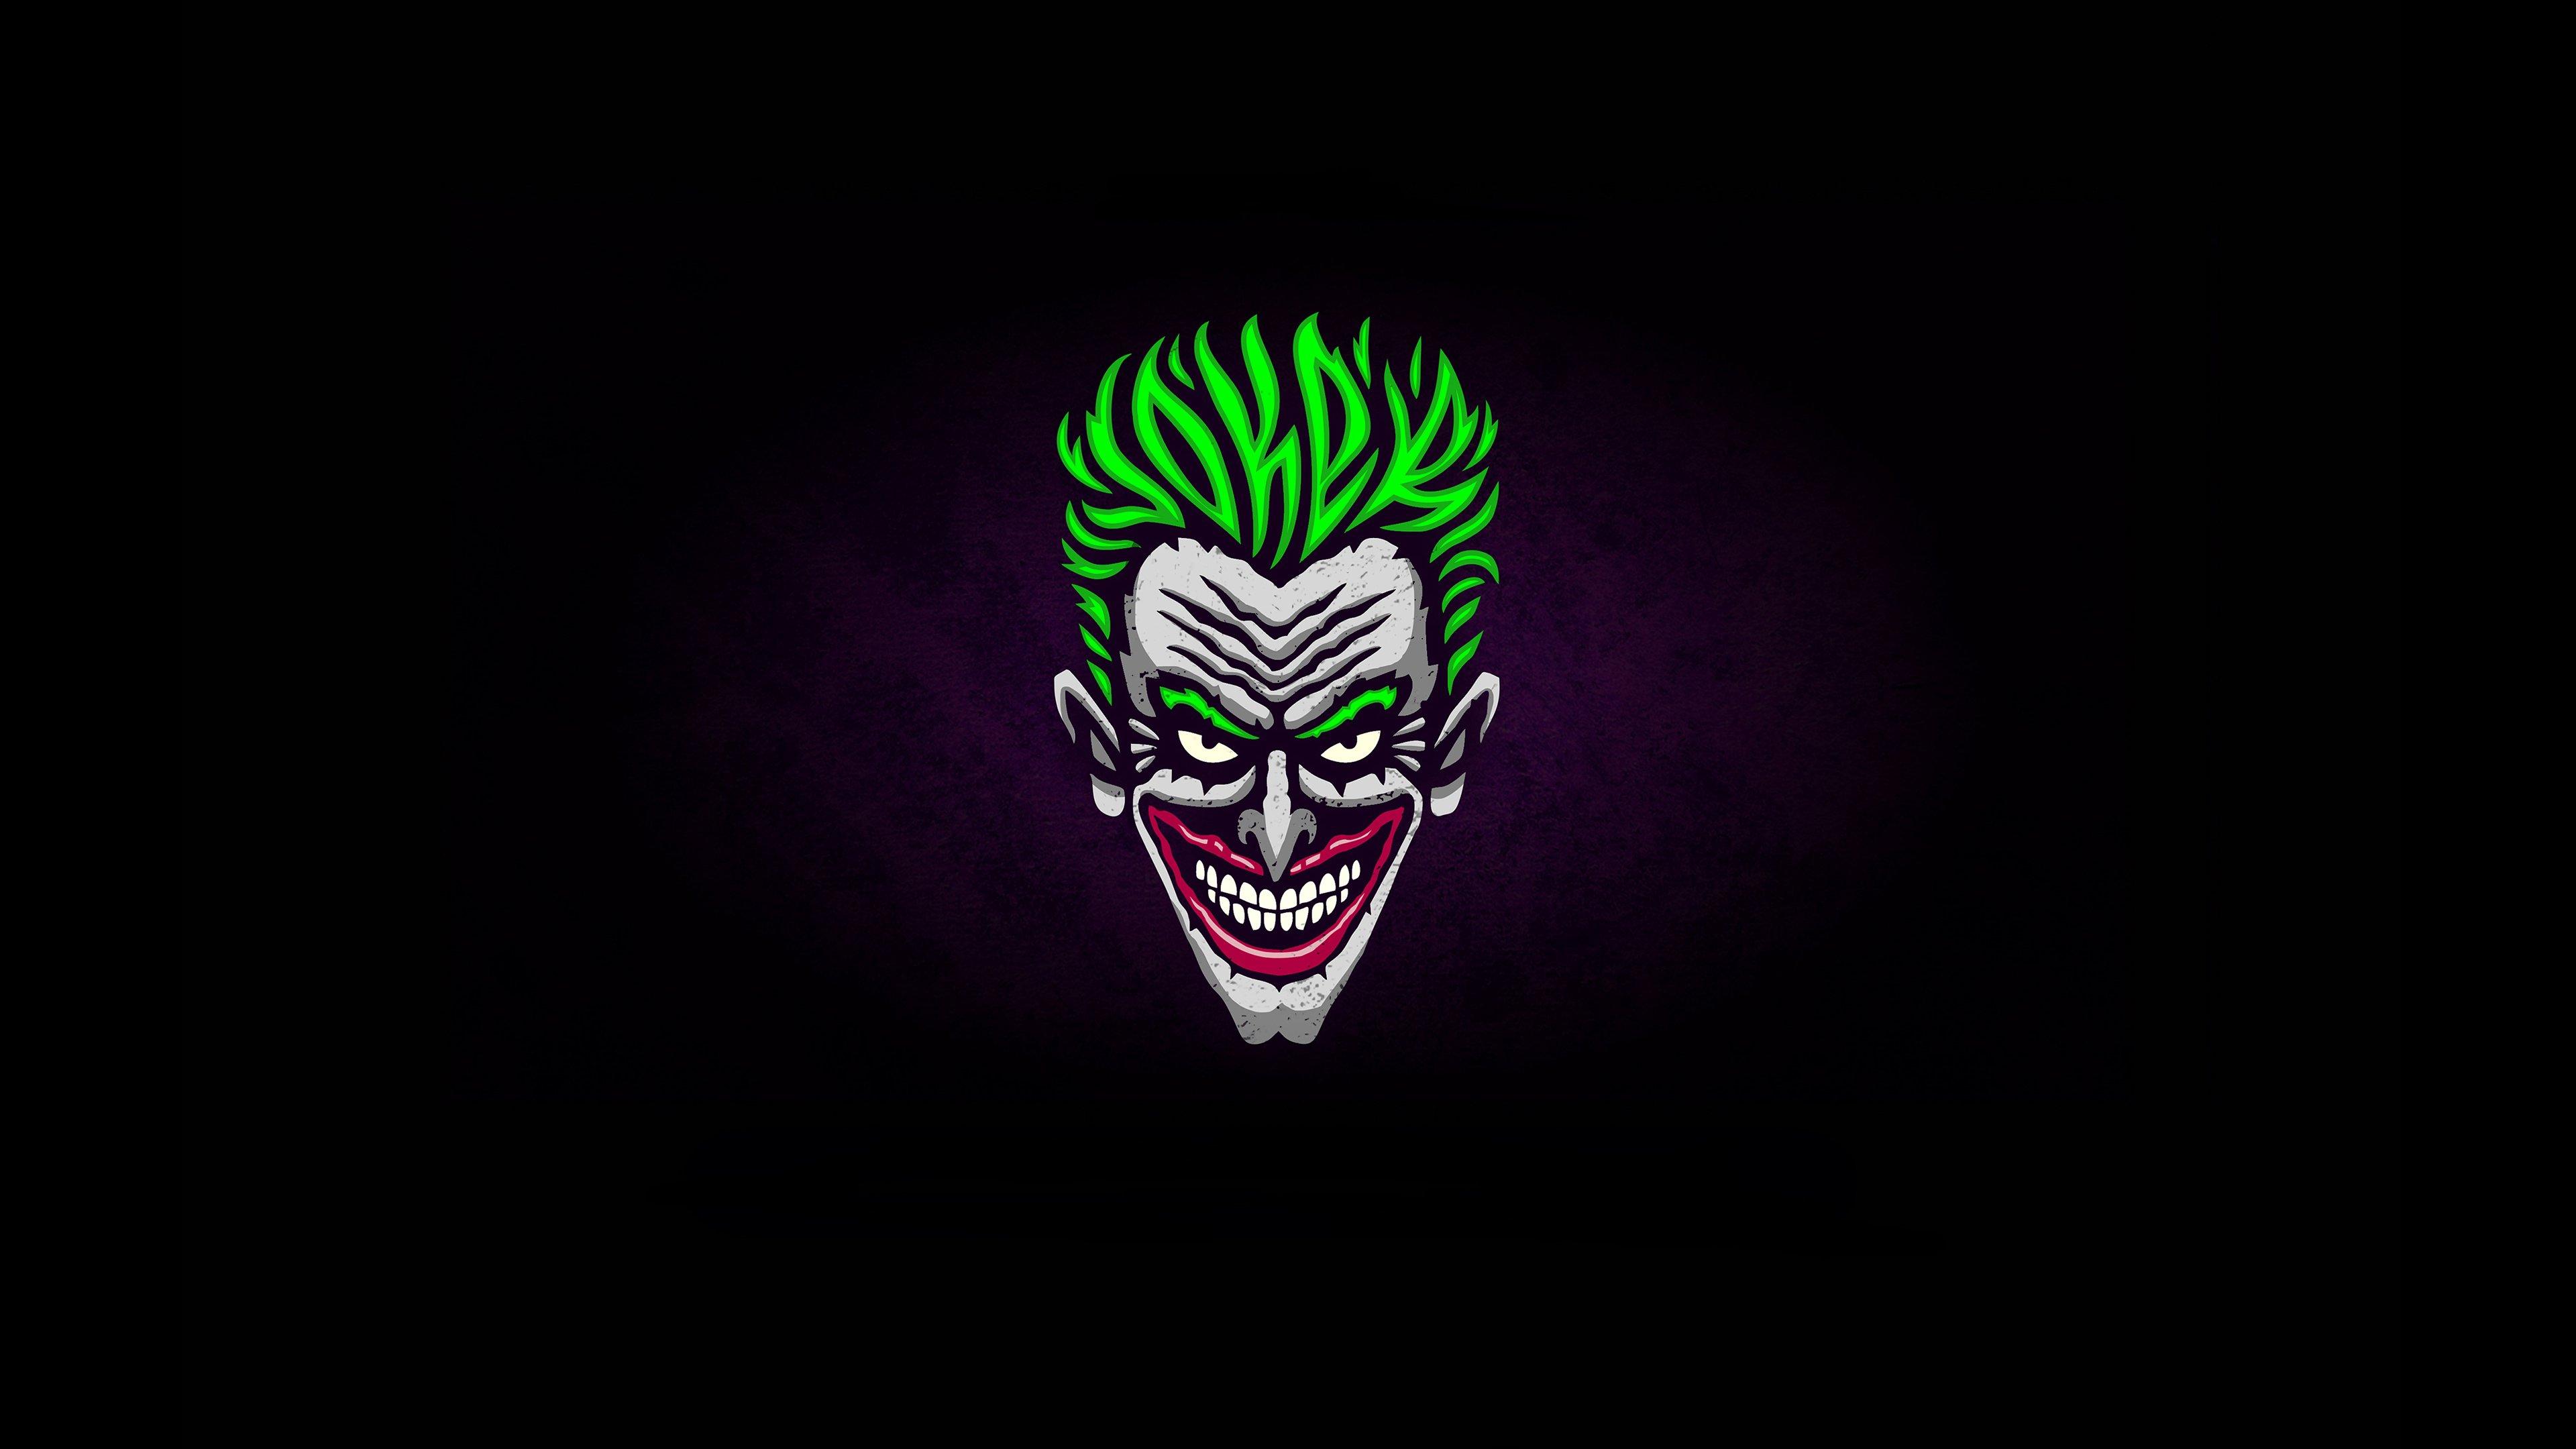 Joker Illustration Minimalist Wallpaper 4k Ultra Hd Id3811